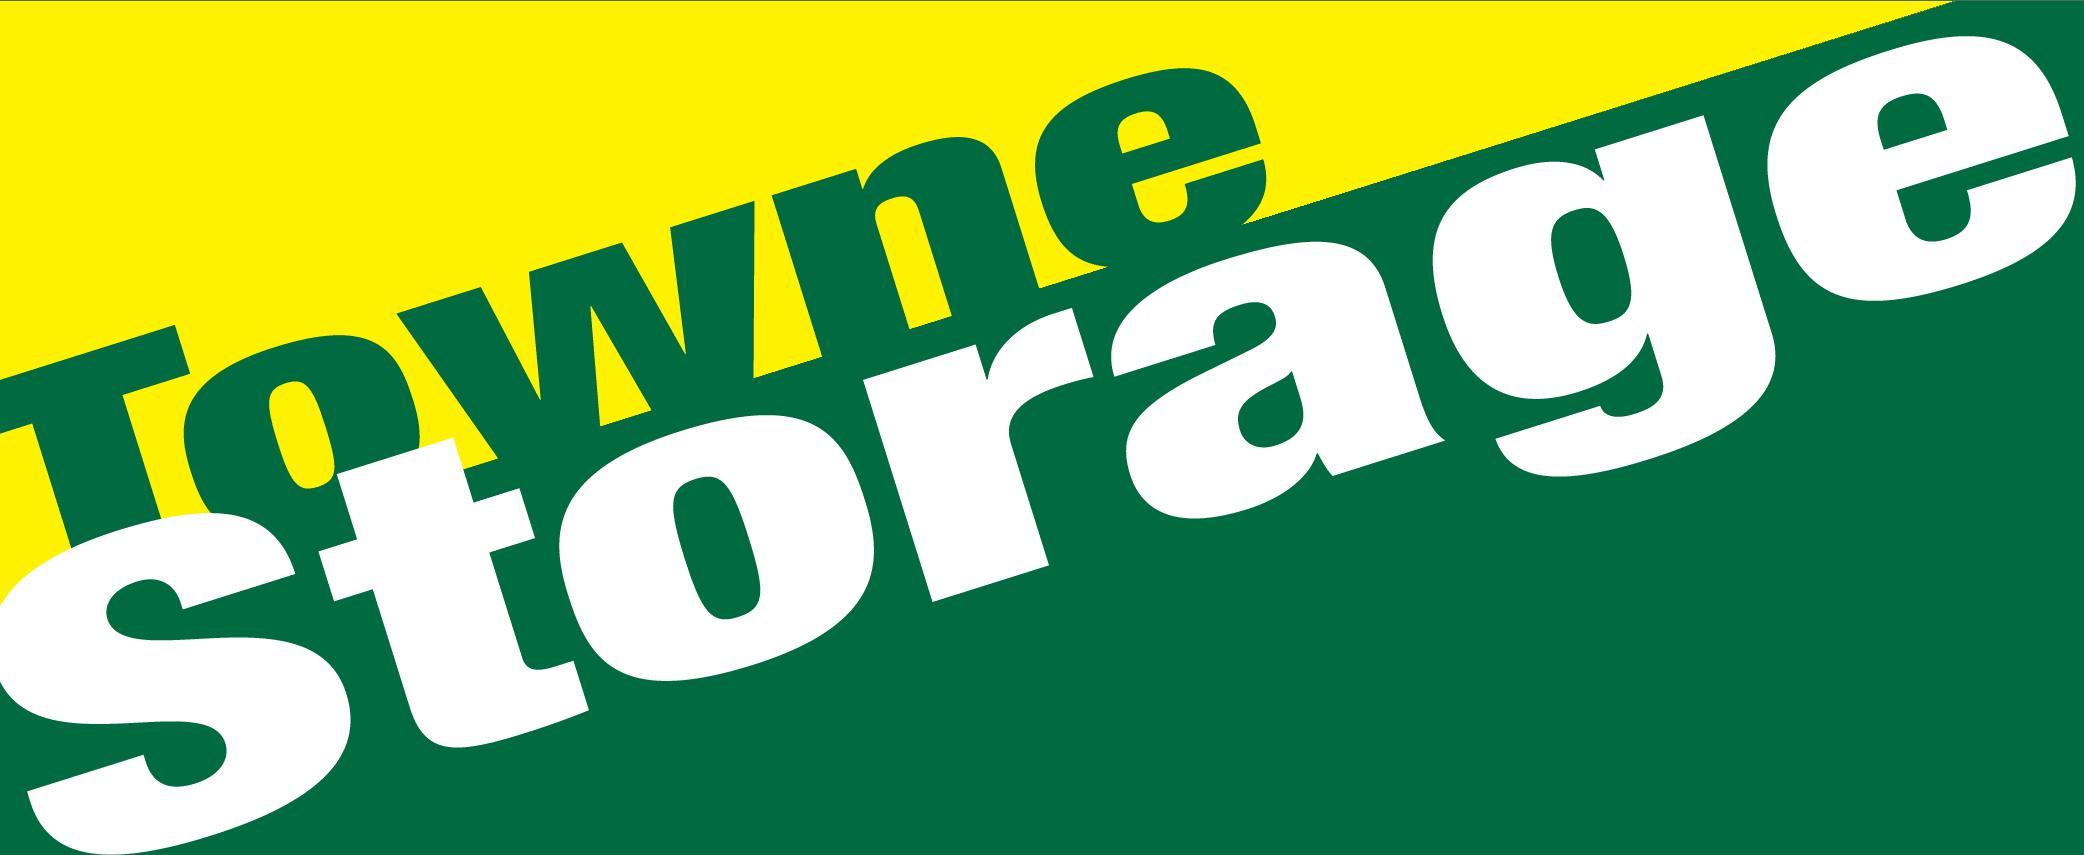 Towne Storage - Riverton Redwood logo